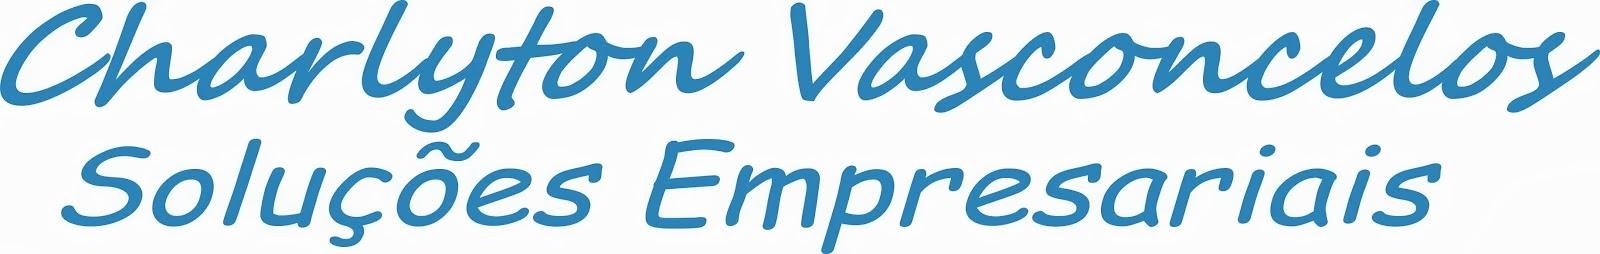 Charlyton Vasconcelos - Soluções Empresariais